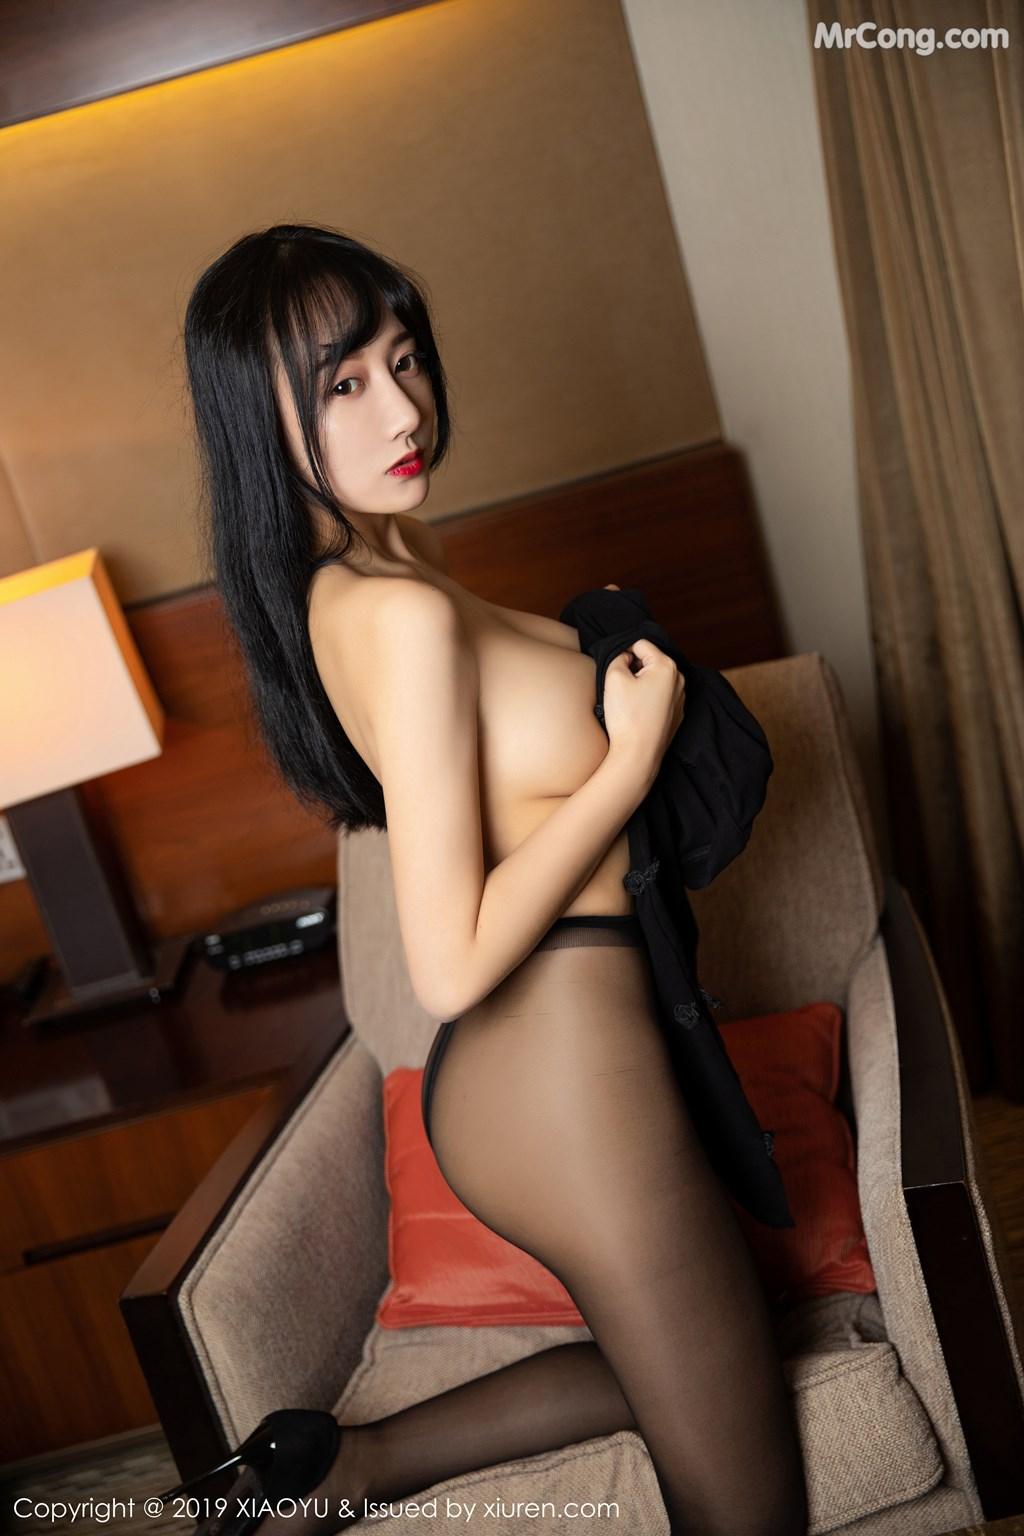 Image XiaoYu-Vol.145-He-Jia-Ying-MrCong.com-048 in post XiaoYu Vol.145: He Jia Ying (何嘉颖) (68 ảnh)